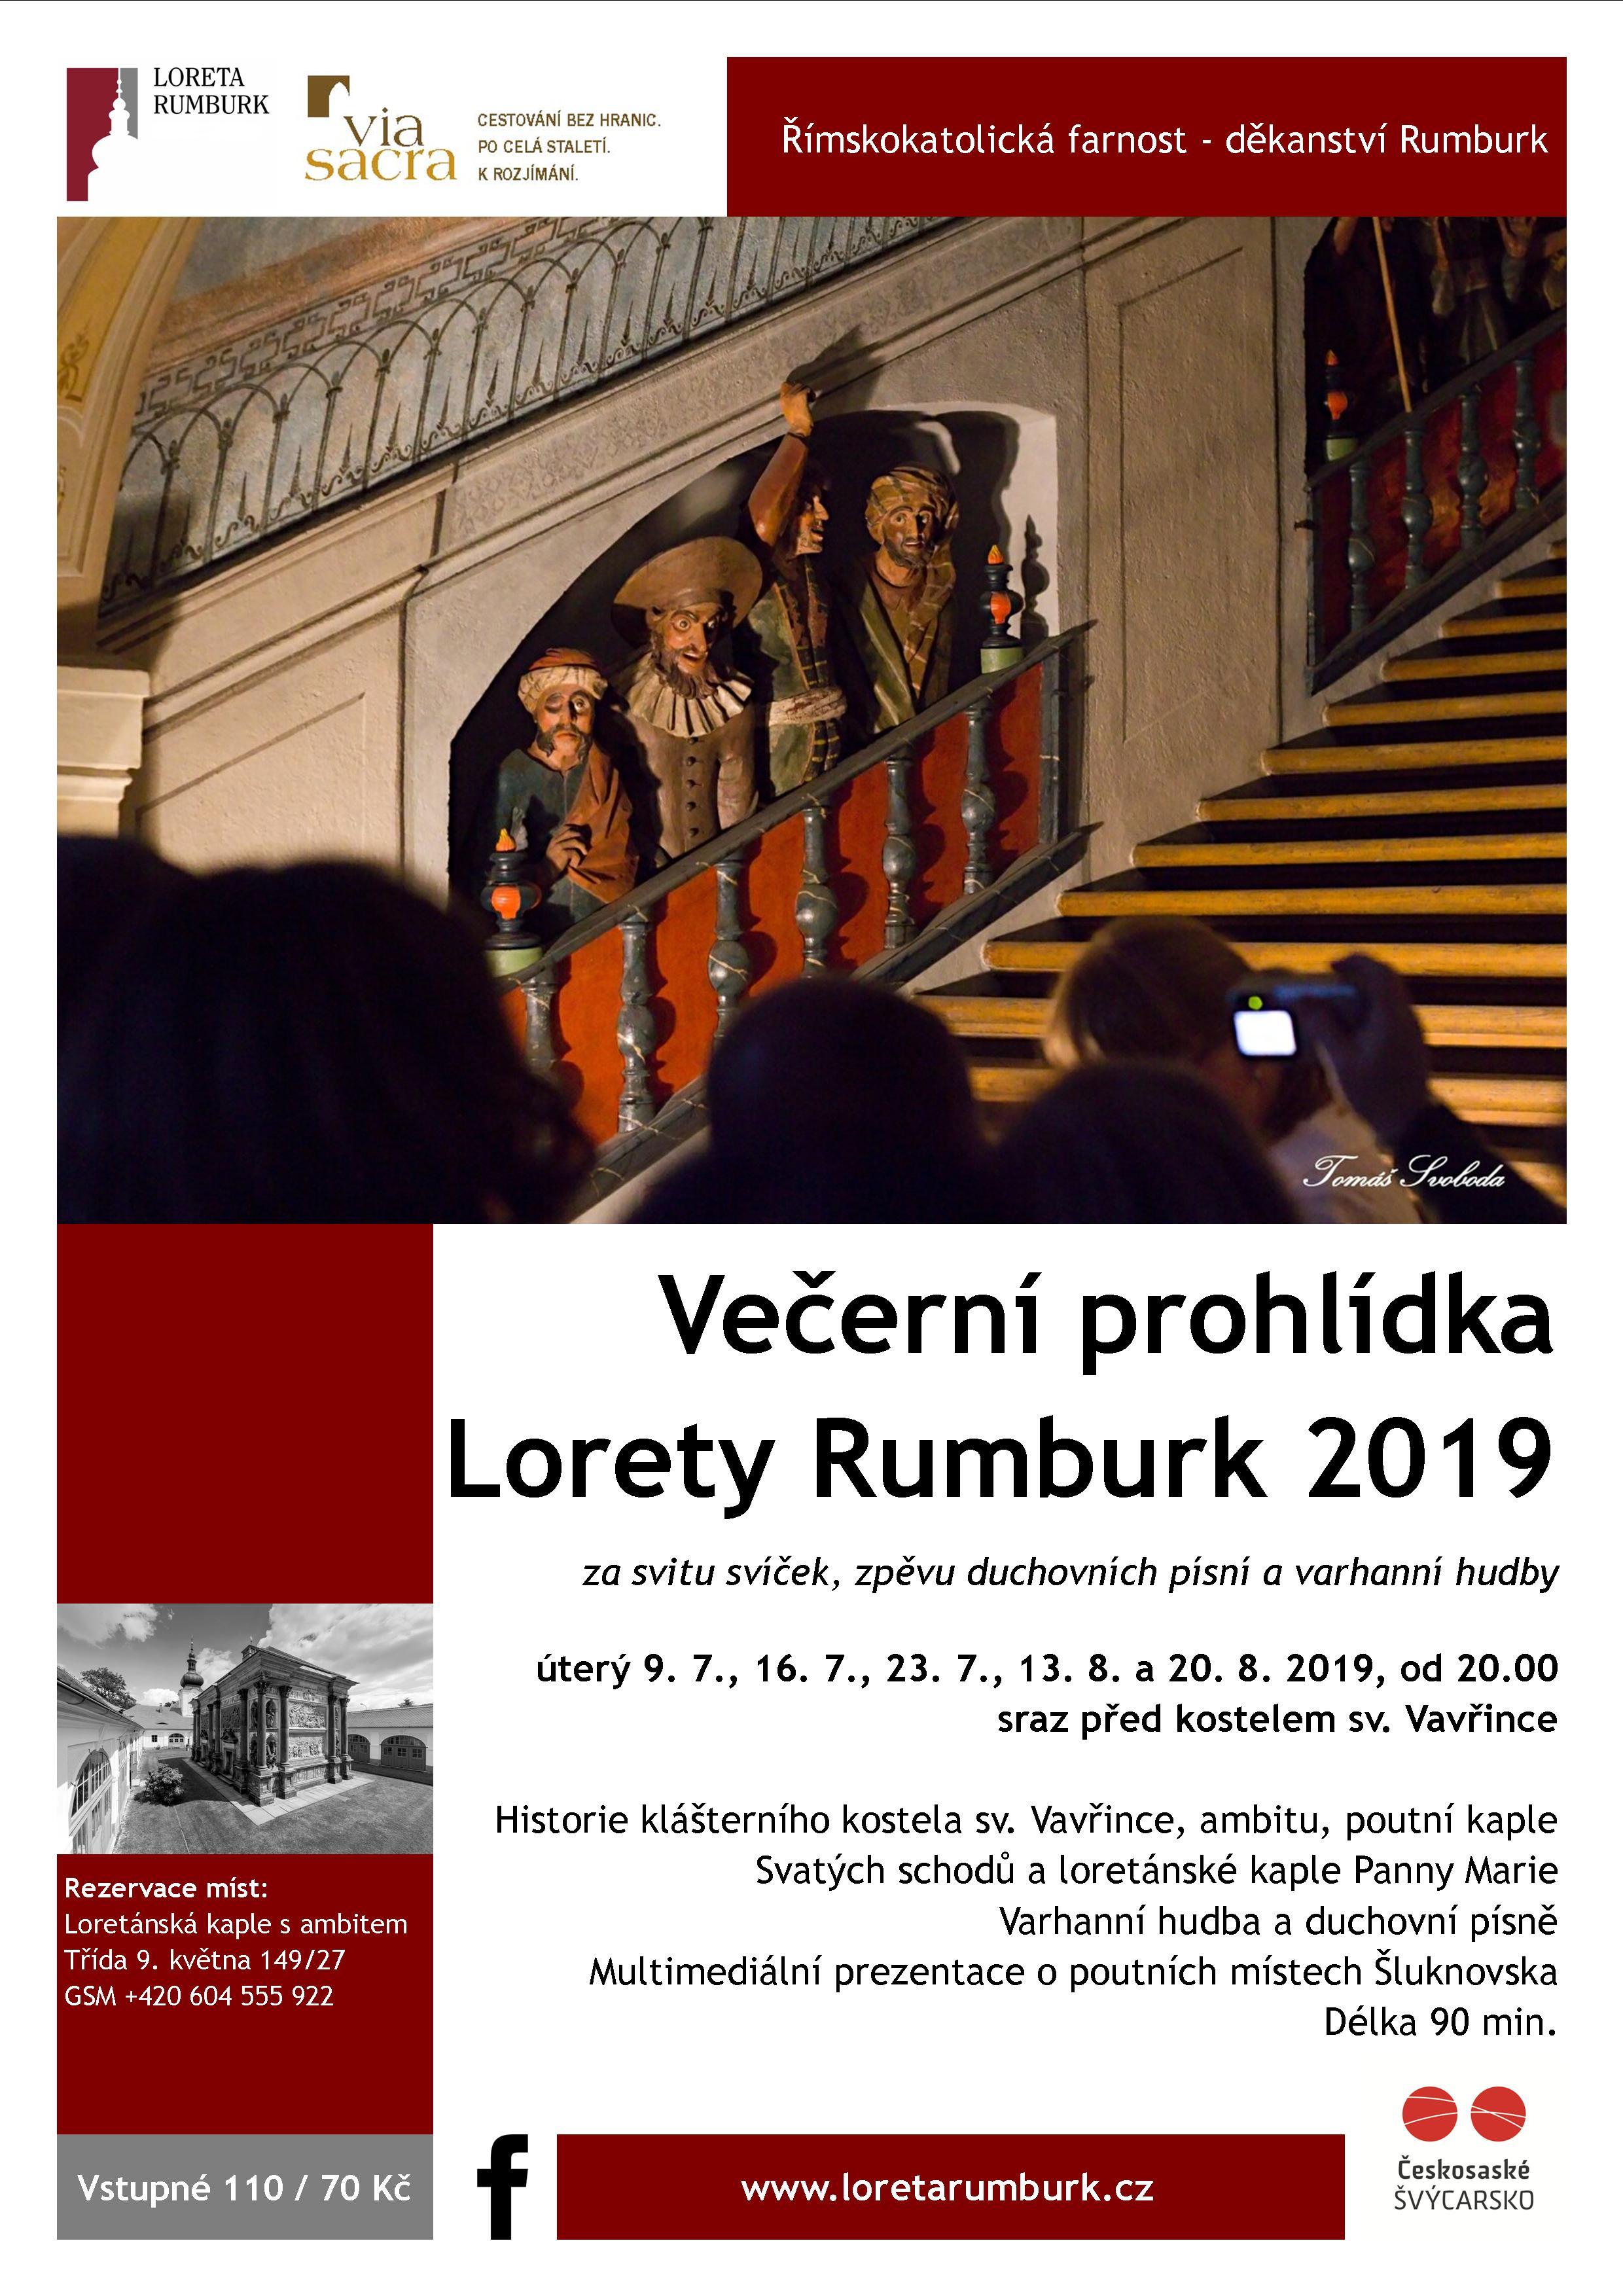 Večerní prohlídky Lorety Rumburk při svíčkách 2019